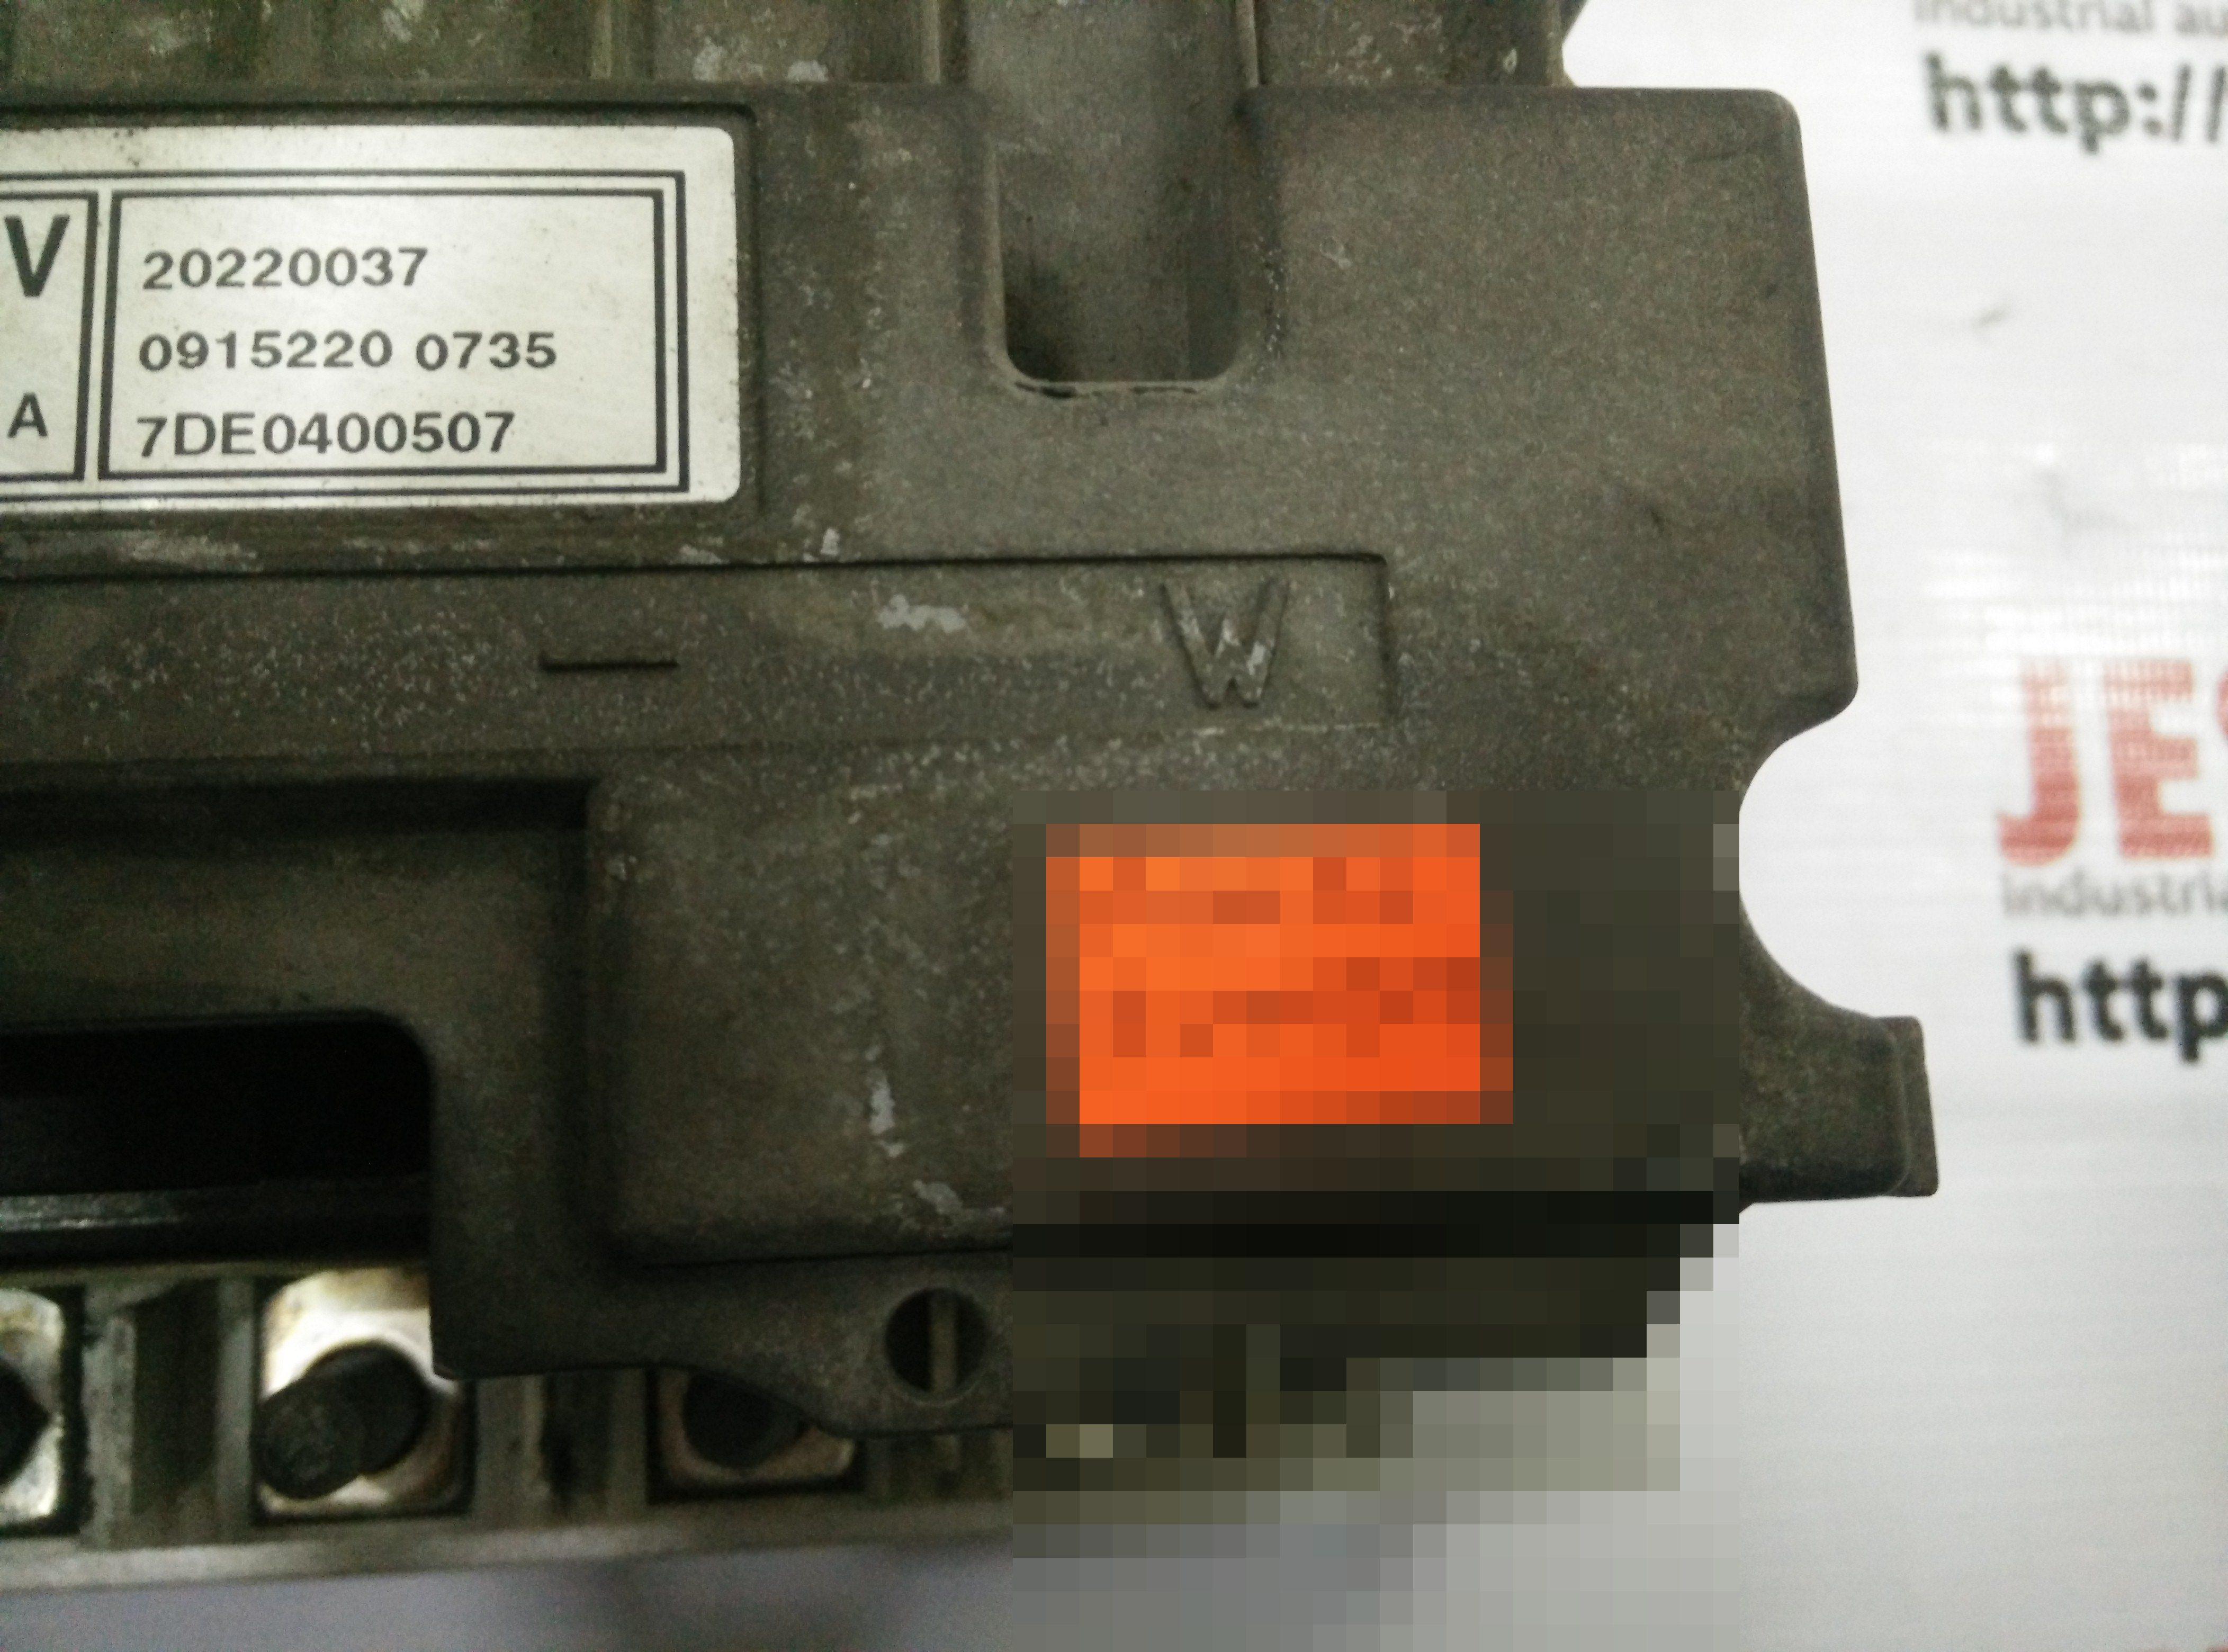 Repair 7DE0400507 BETRV LAC1 SW:BAS:V.0.09 BETR:V.0.29.8.433606 in Malaysia, Singapore, Thailand, Indonesia